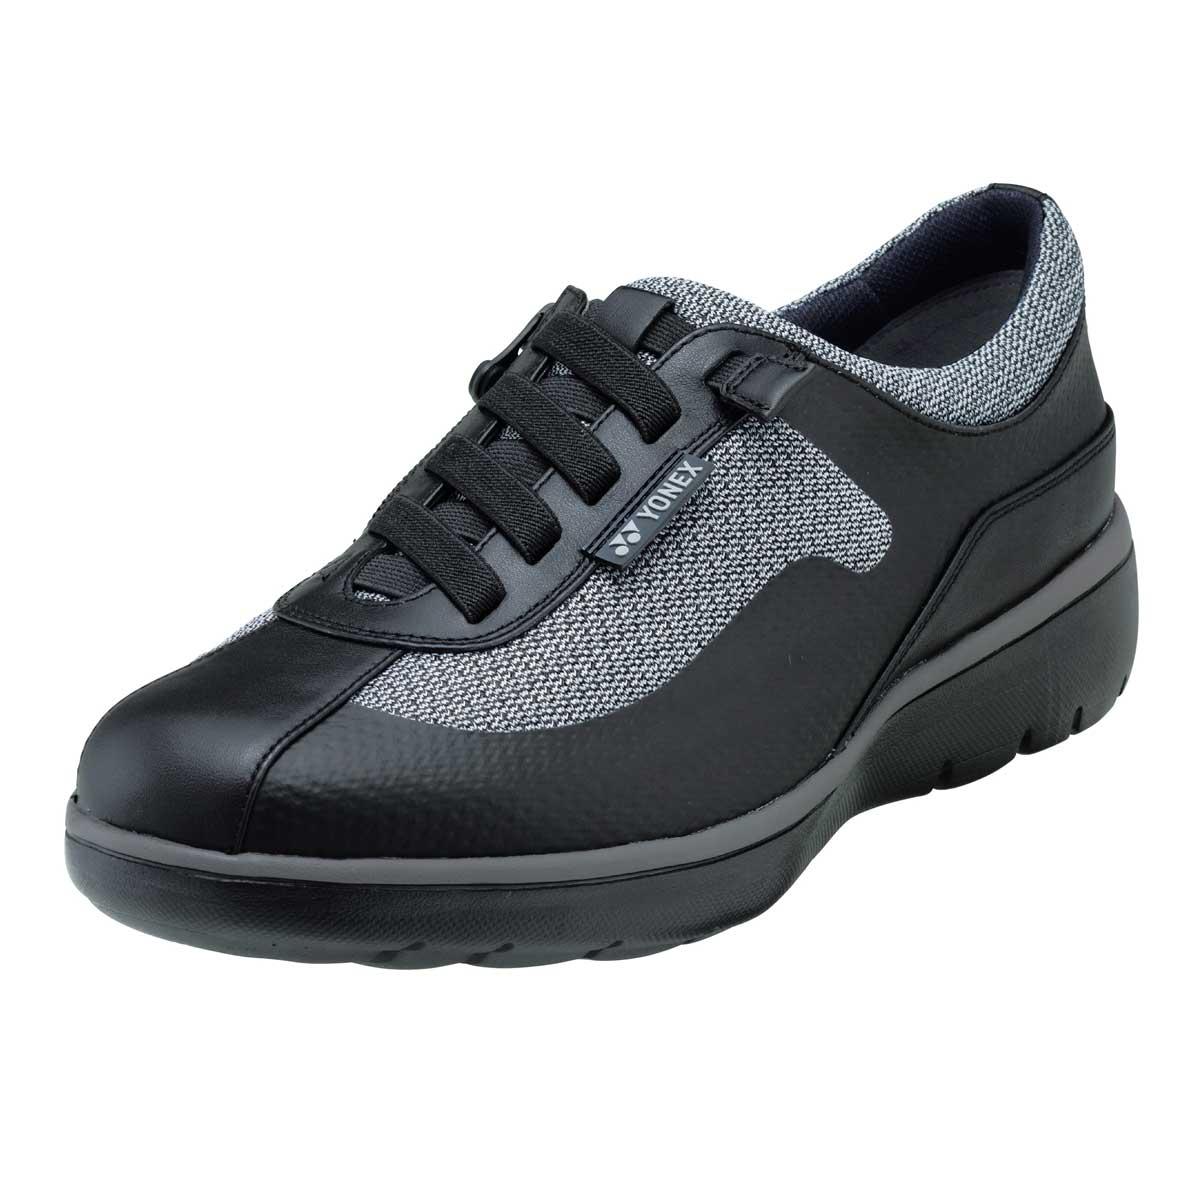 YONEX ヨネックス MC94 ブラック (メンズ)軽い疲れにくいウォーキングシューズ「靴」